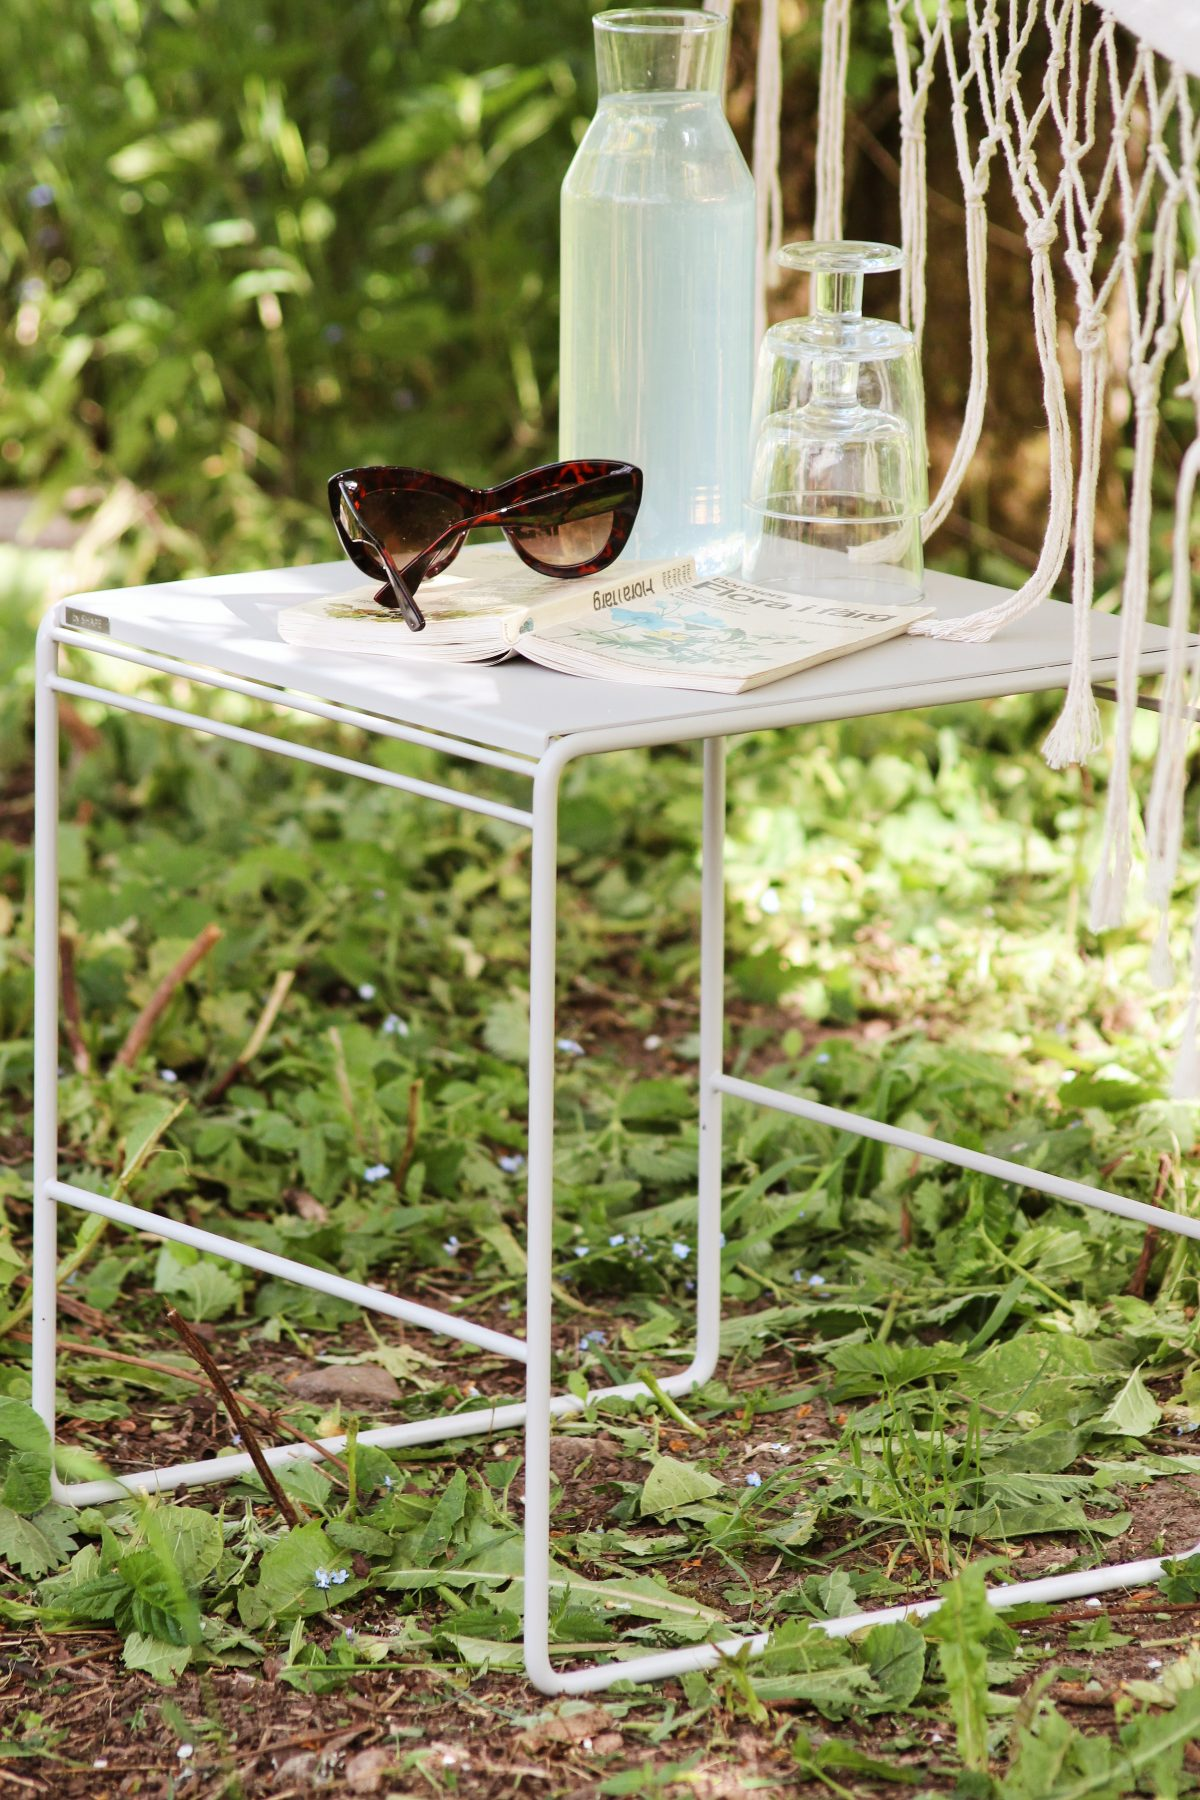 Utemöbel, karaff, solglasögon och bok